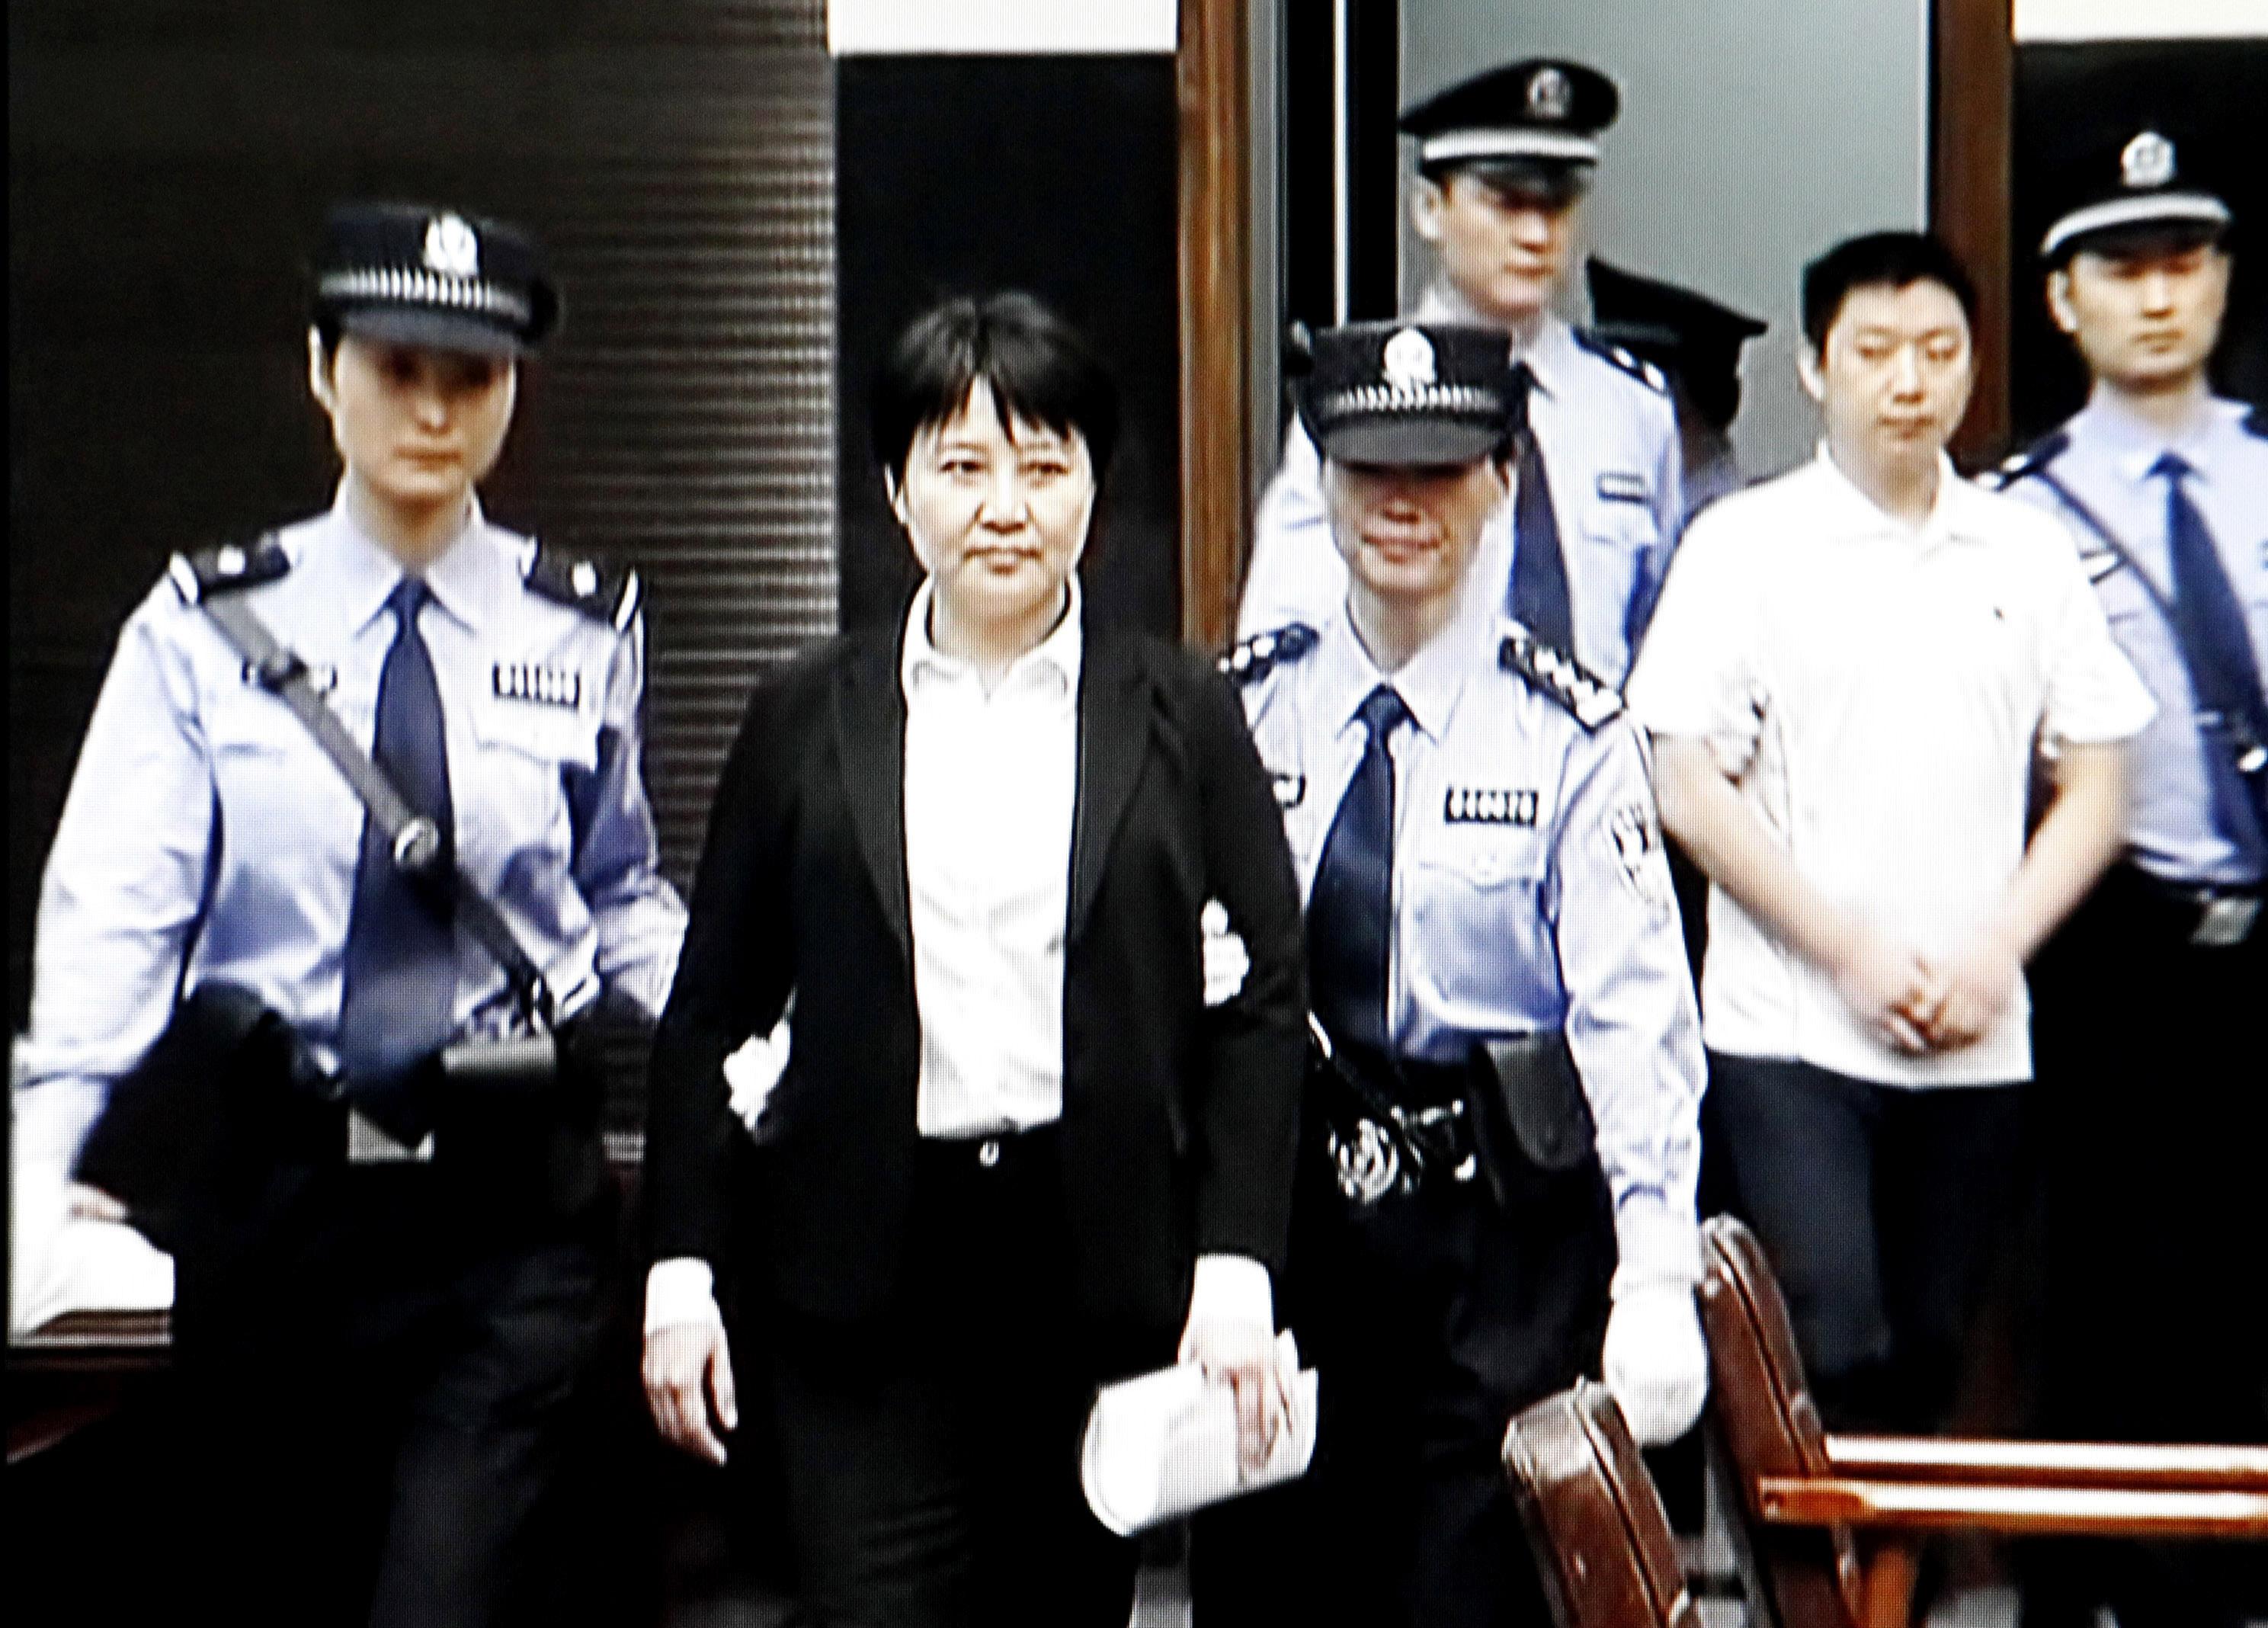 Giftmordprozess in China: Bedingte Todesstrafe für Gu Kailai